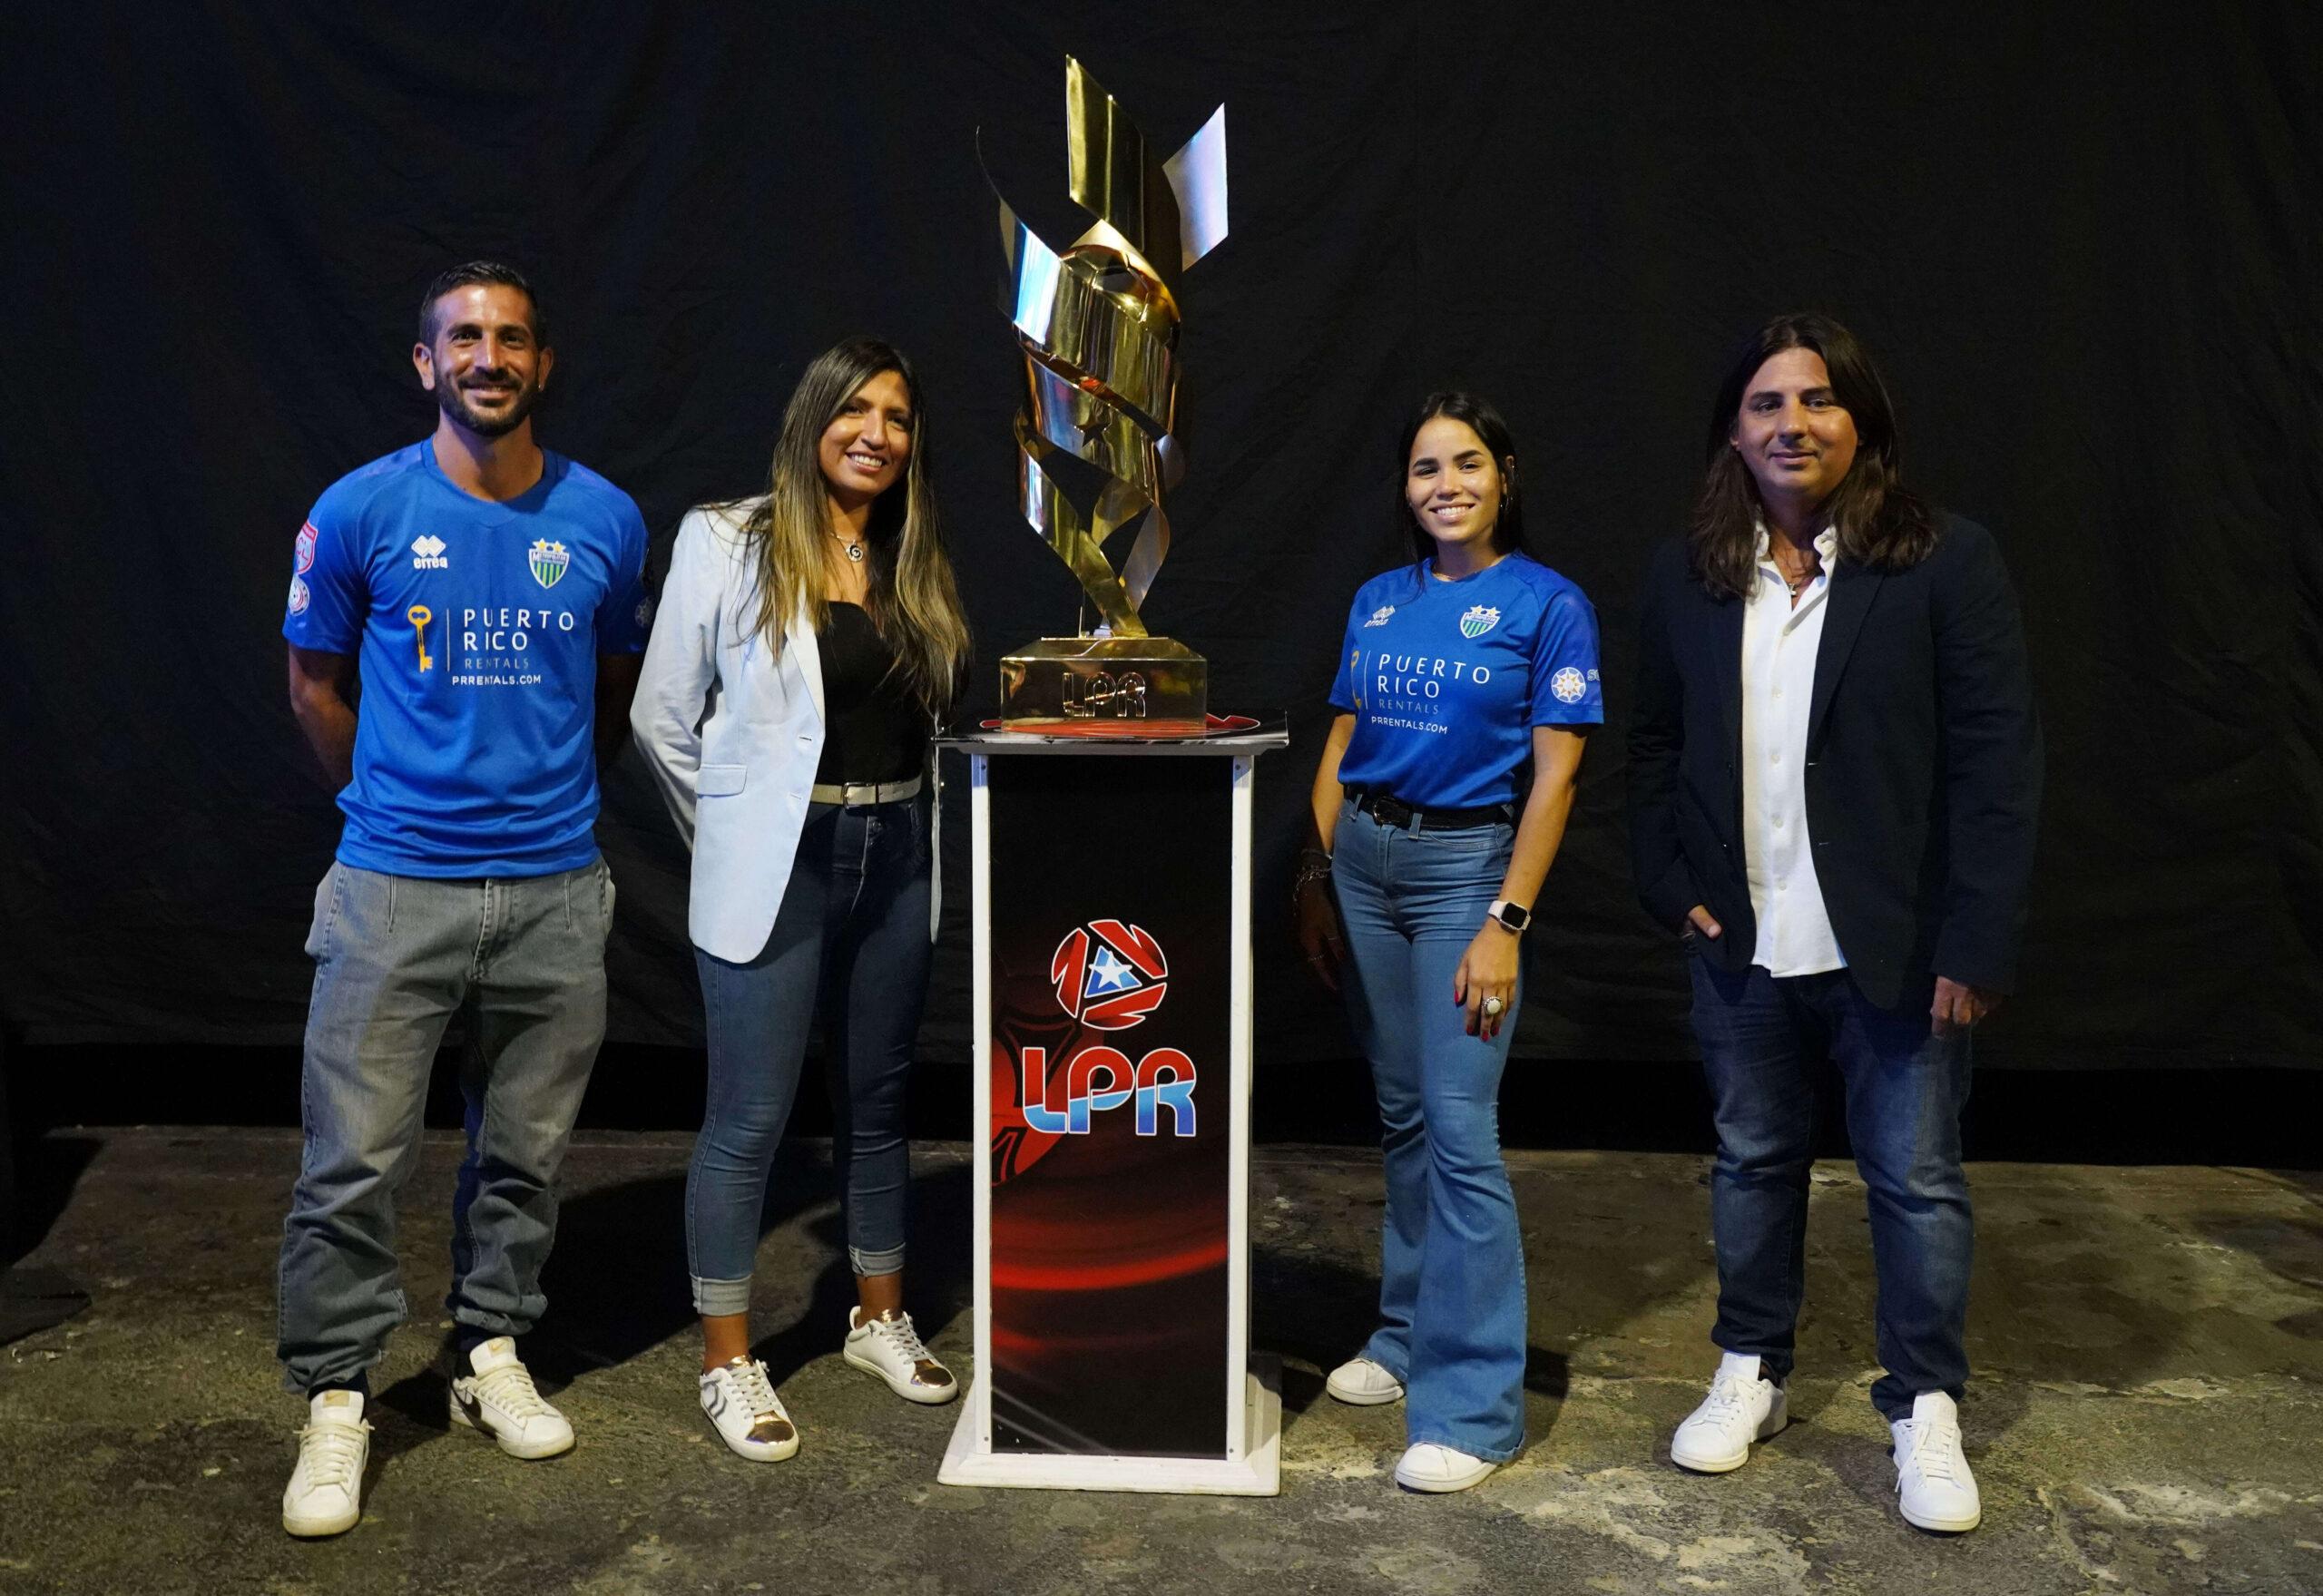 Arranca Mañana la Liga Puerto Rico en el Loubriel